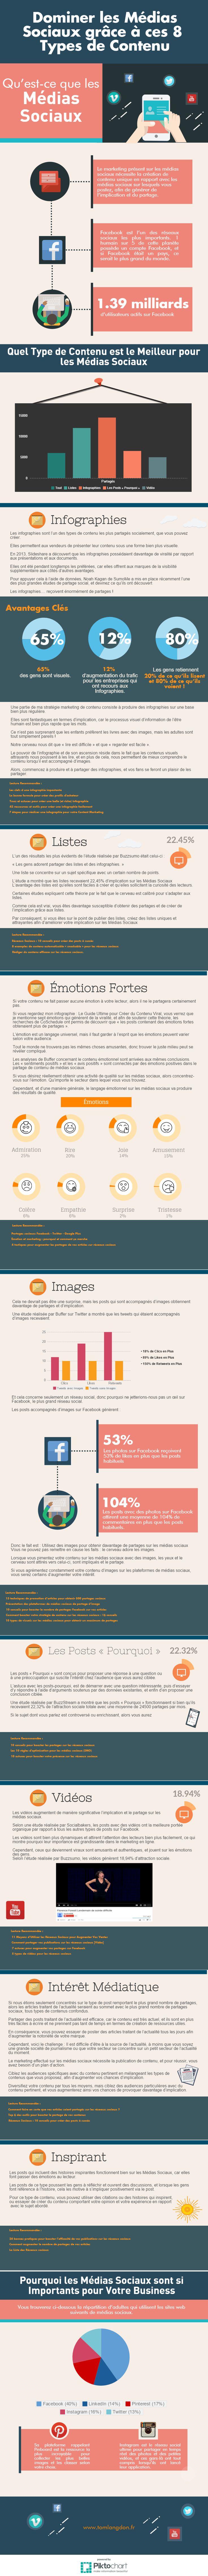 Infographie : les types de contenus les plus populaires sur les Médias Sociaux